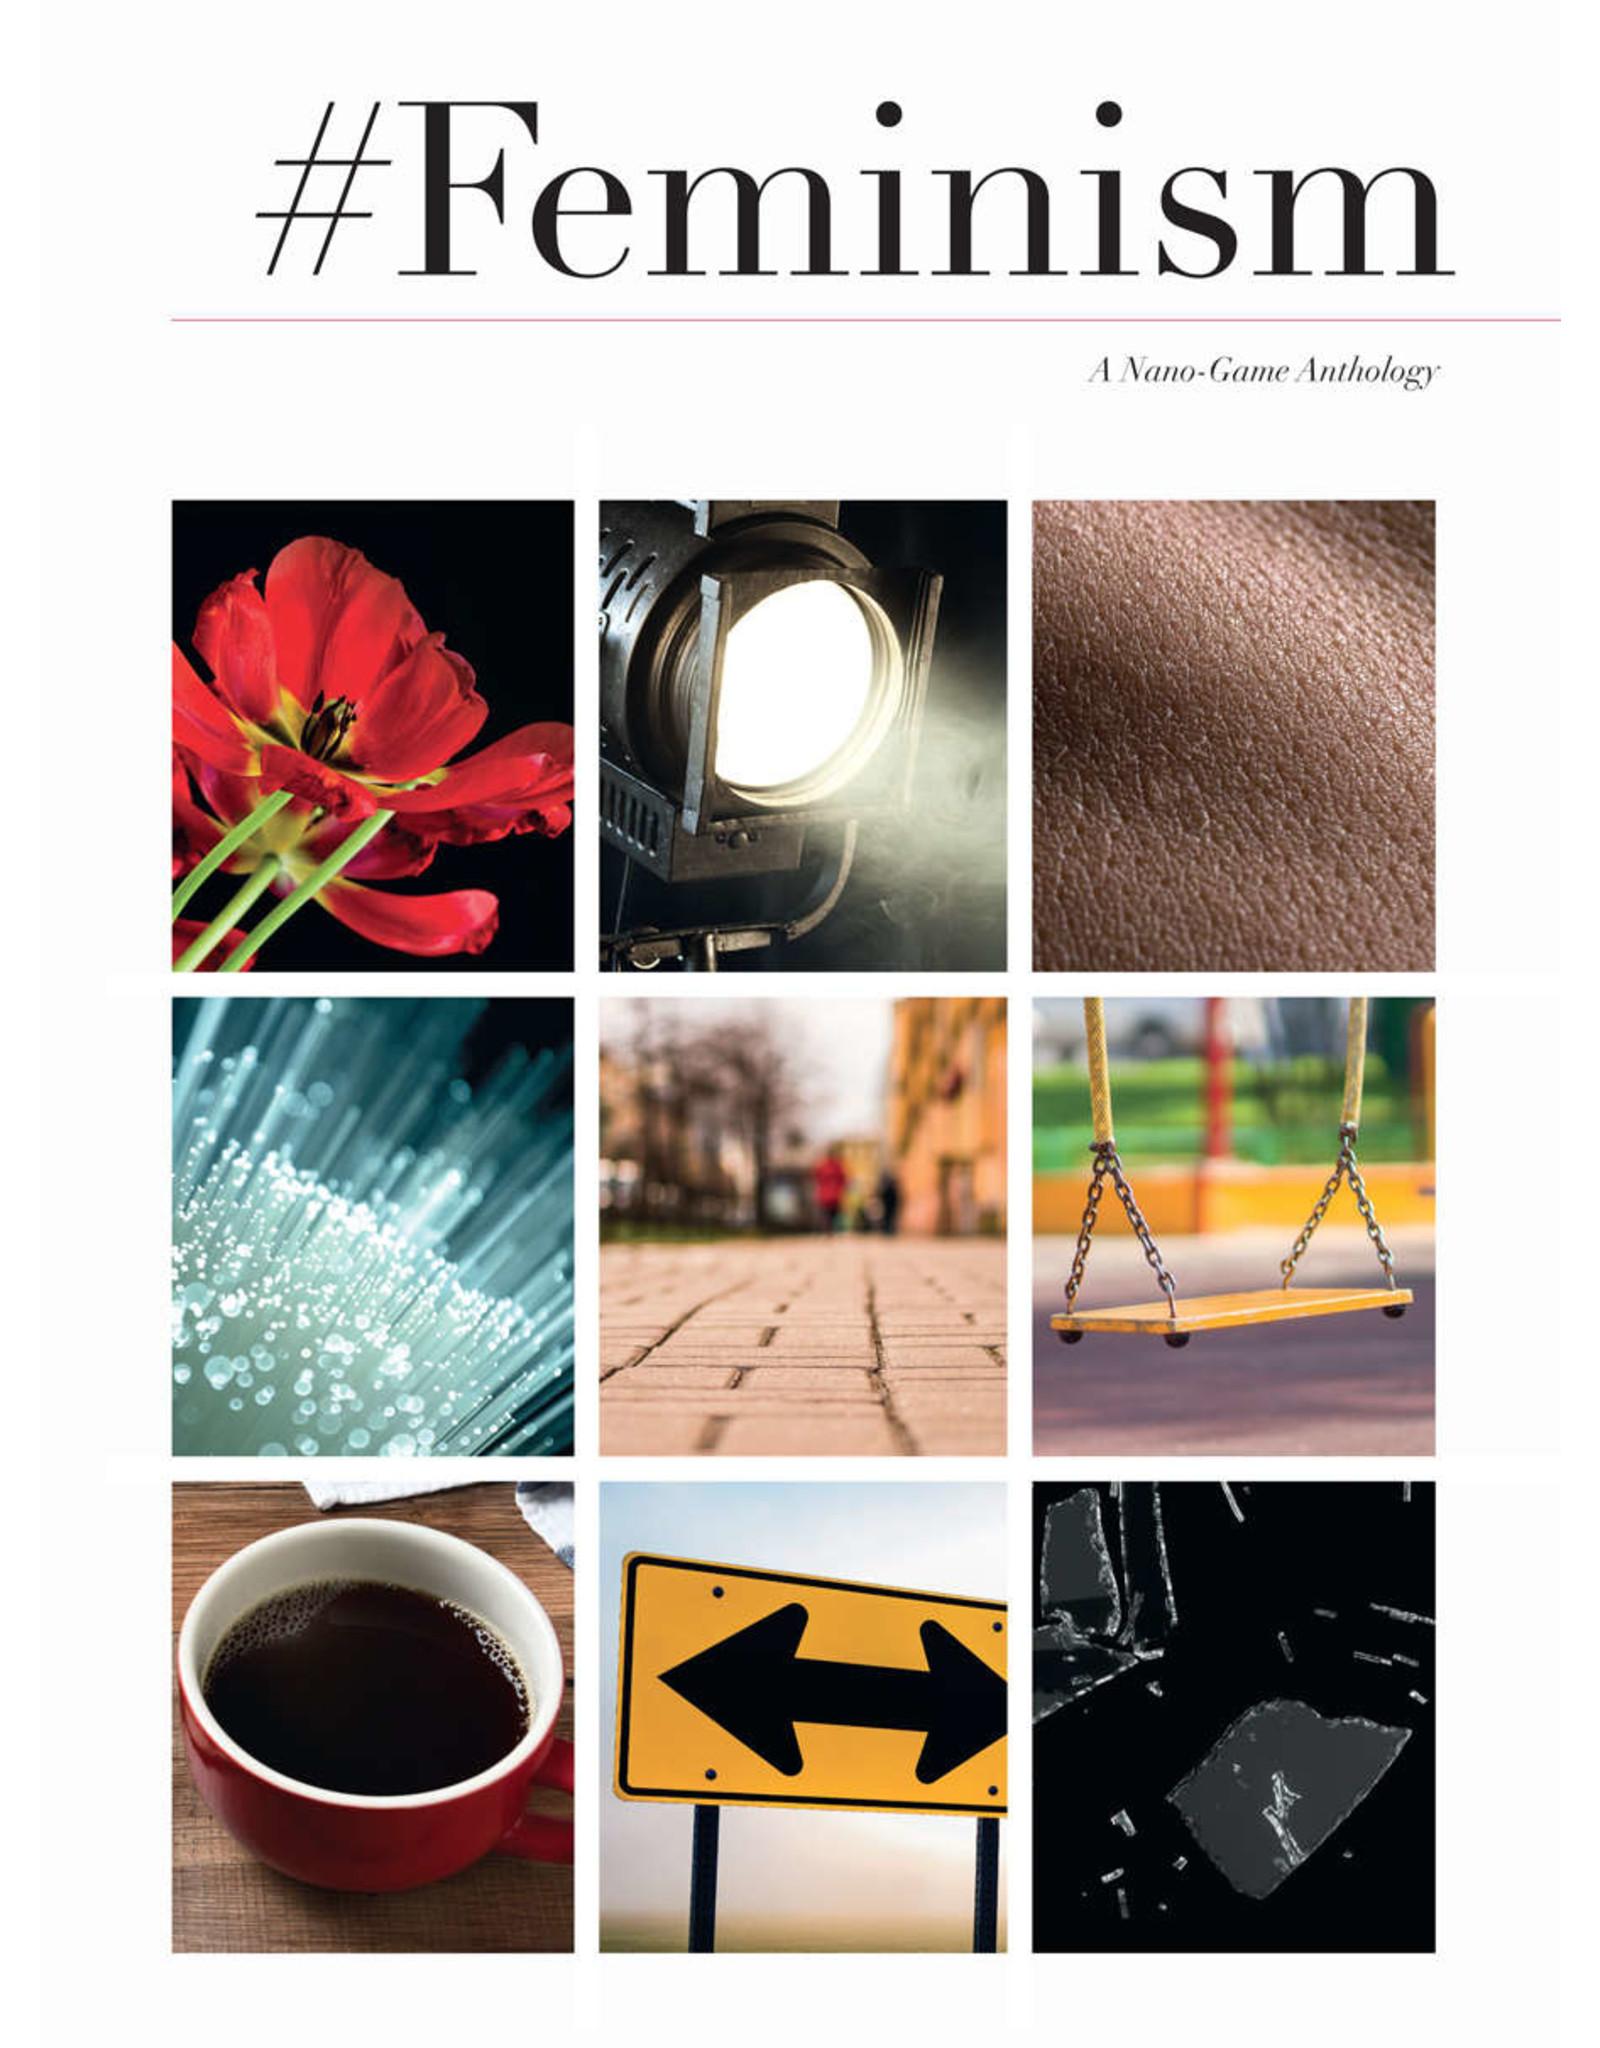 # Feminism